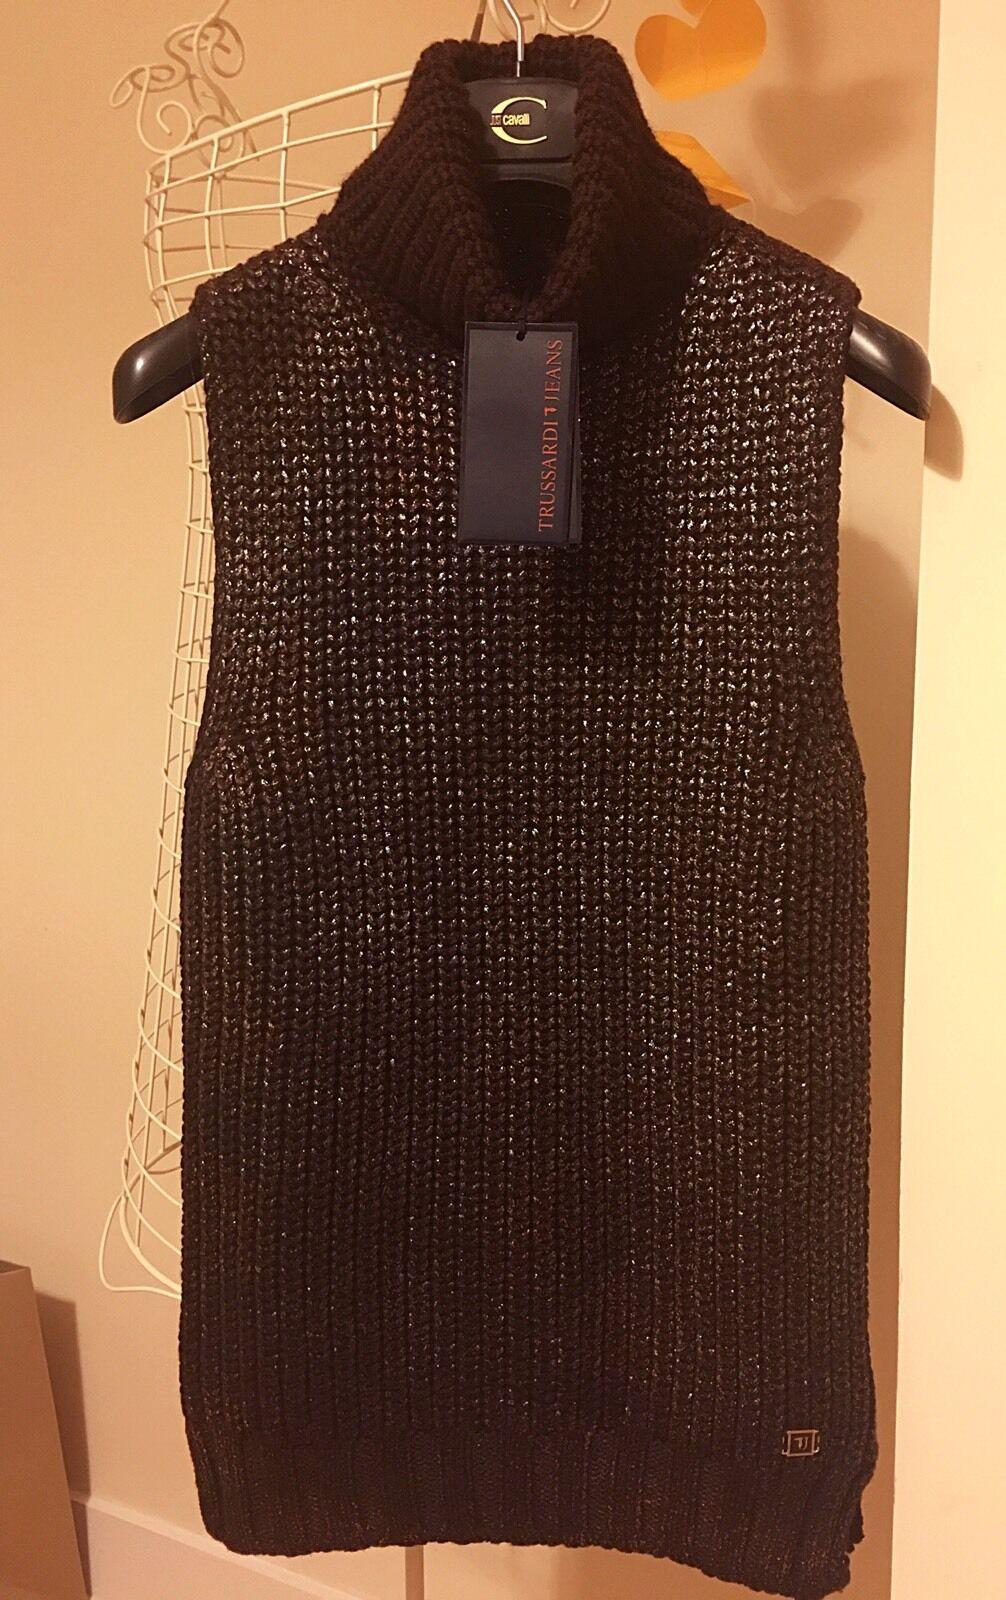 New Trussardi sleeveless chocolate brown sweater cardigan S XS